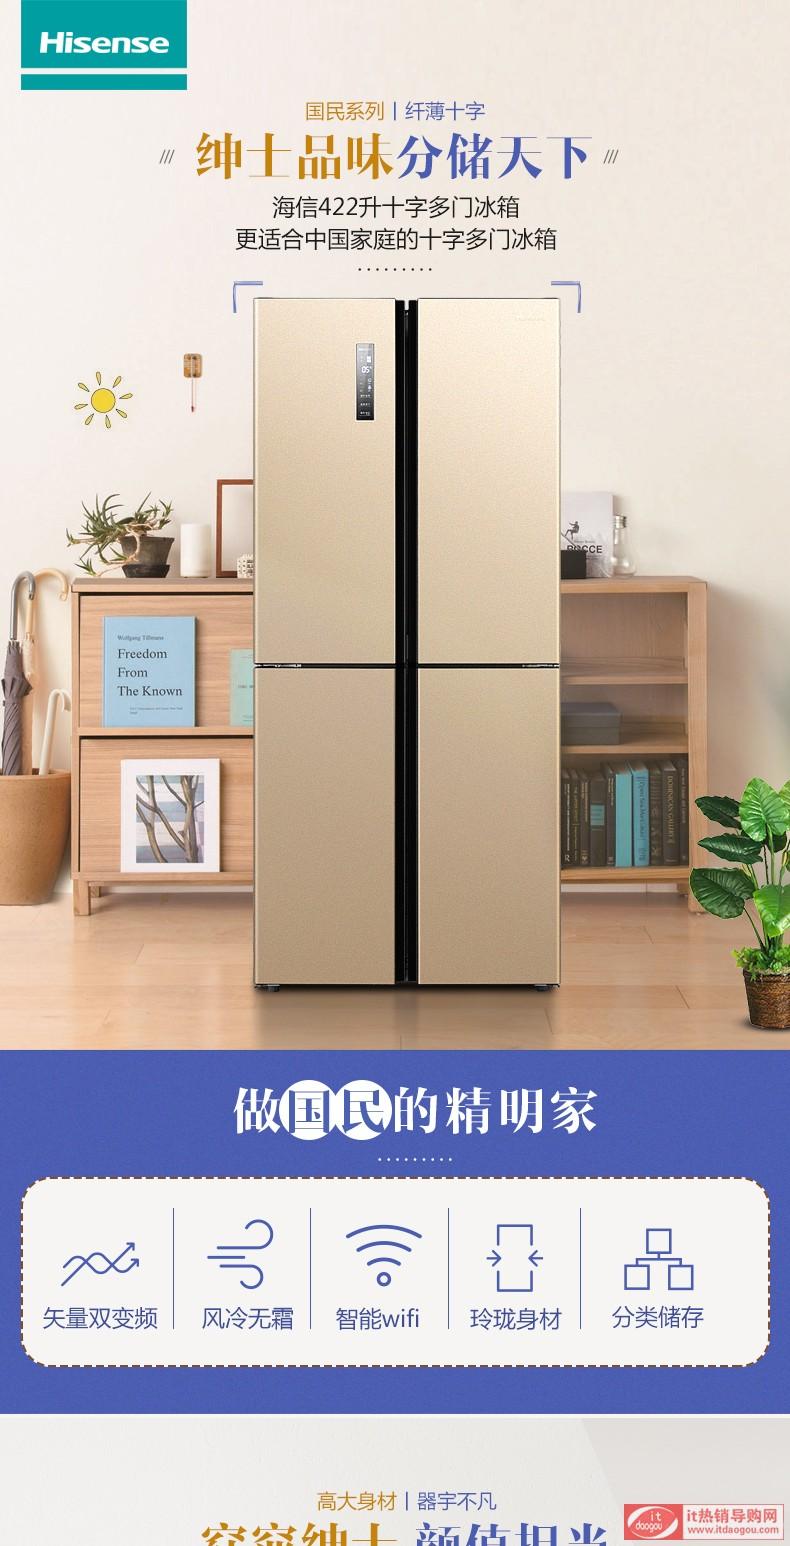 海信bcd-422wmk1dpus十字对开门变频电冰箱怎样?优缺点评测